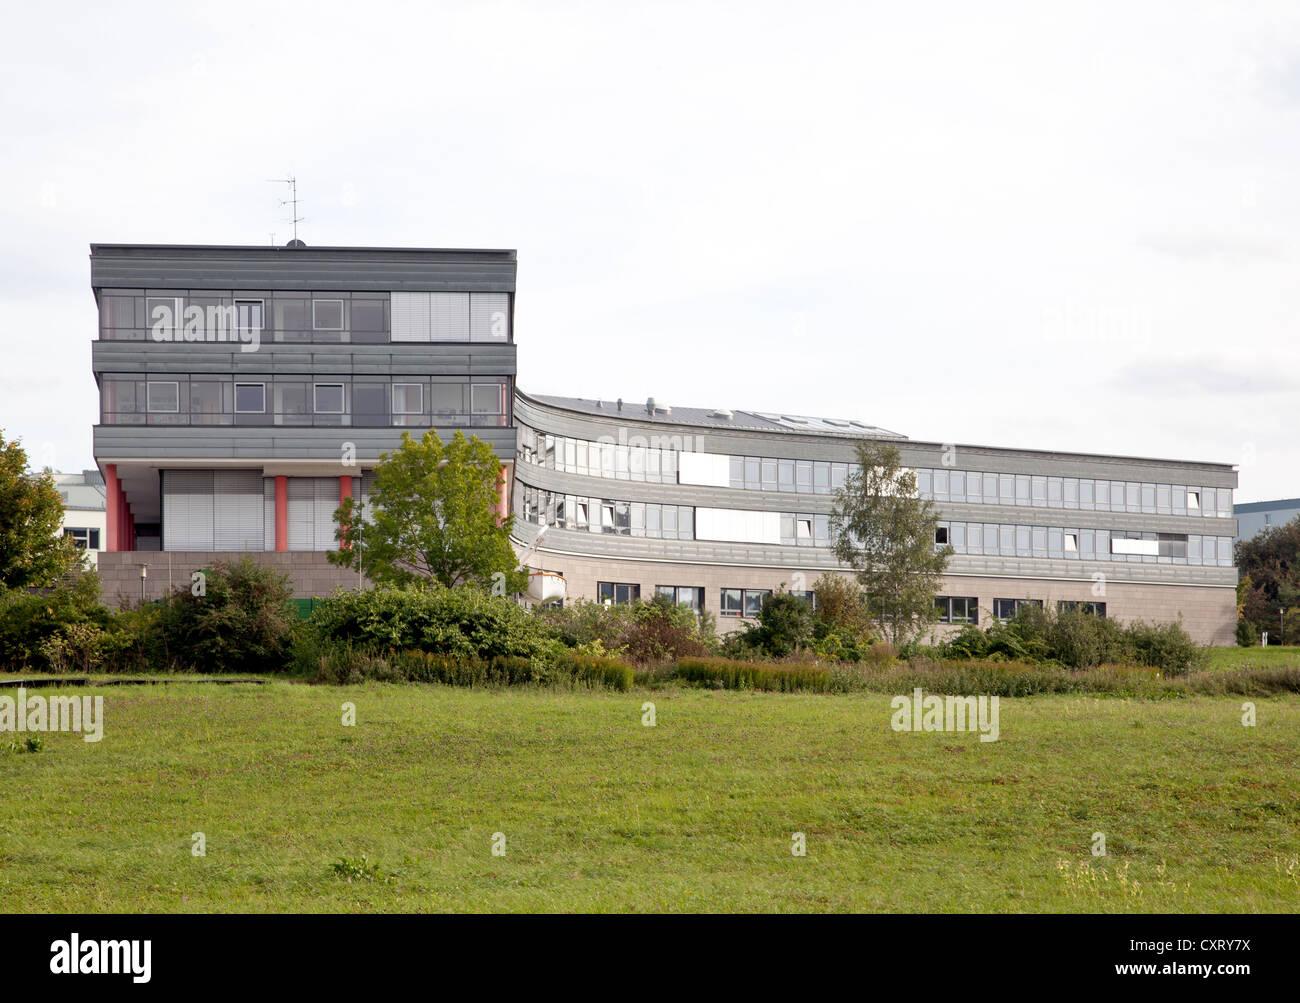 Istituto federale di ricerca per la progettazione idraulica, Ilmenau, Turingia, Germania, Europa PublicGround Immagini Stock